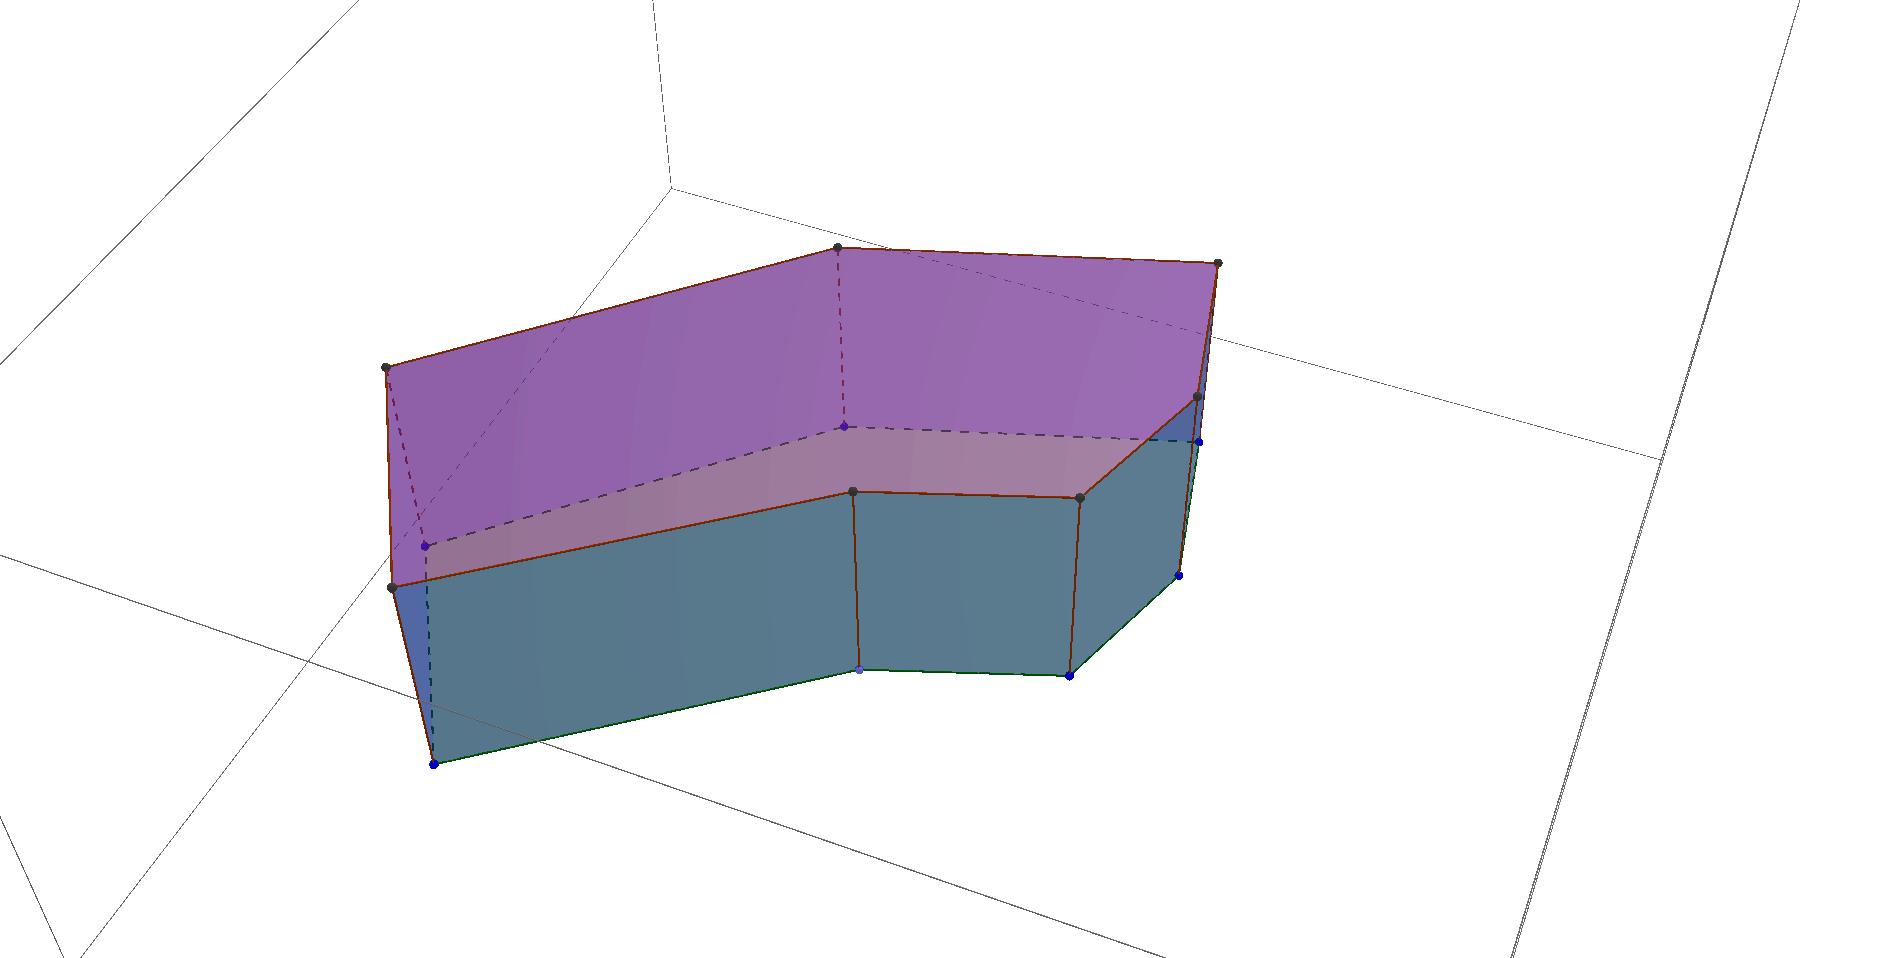 Prisma mit unregelmäßiger Grundfläche